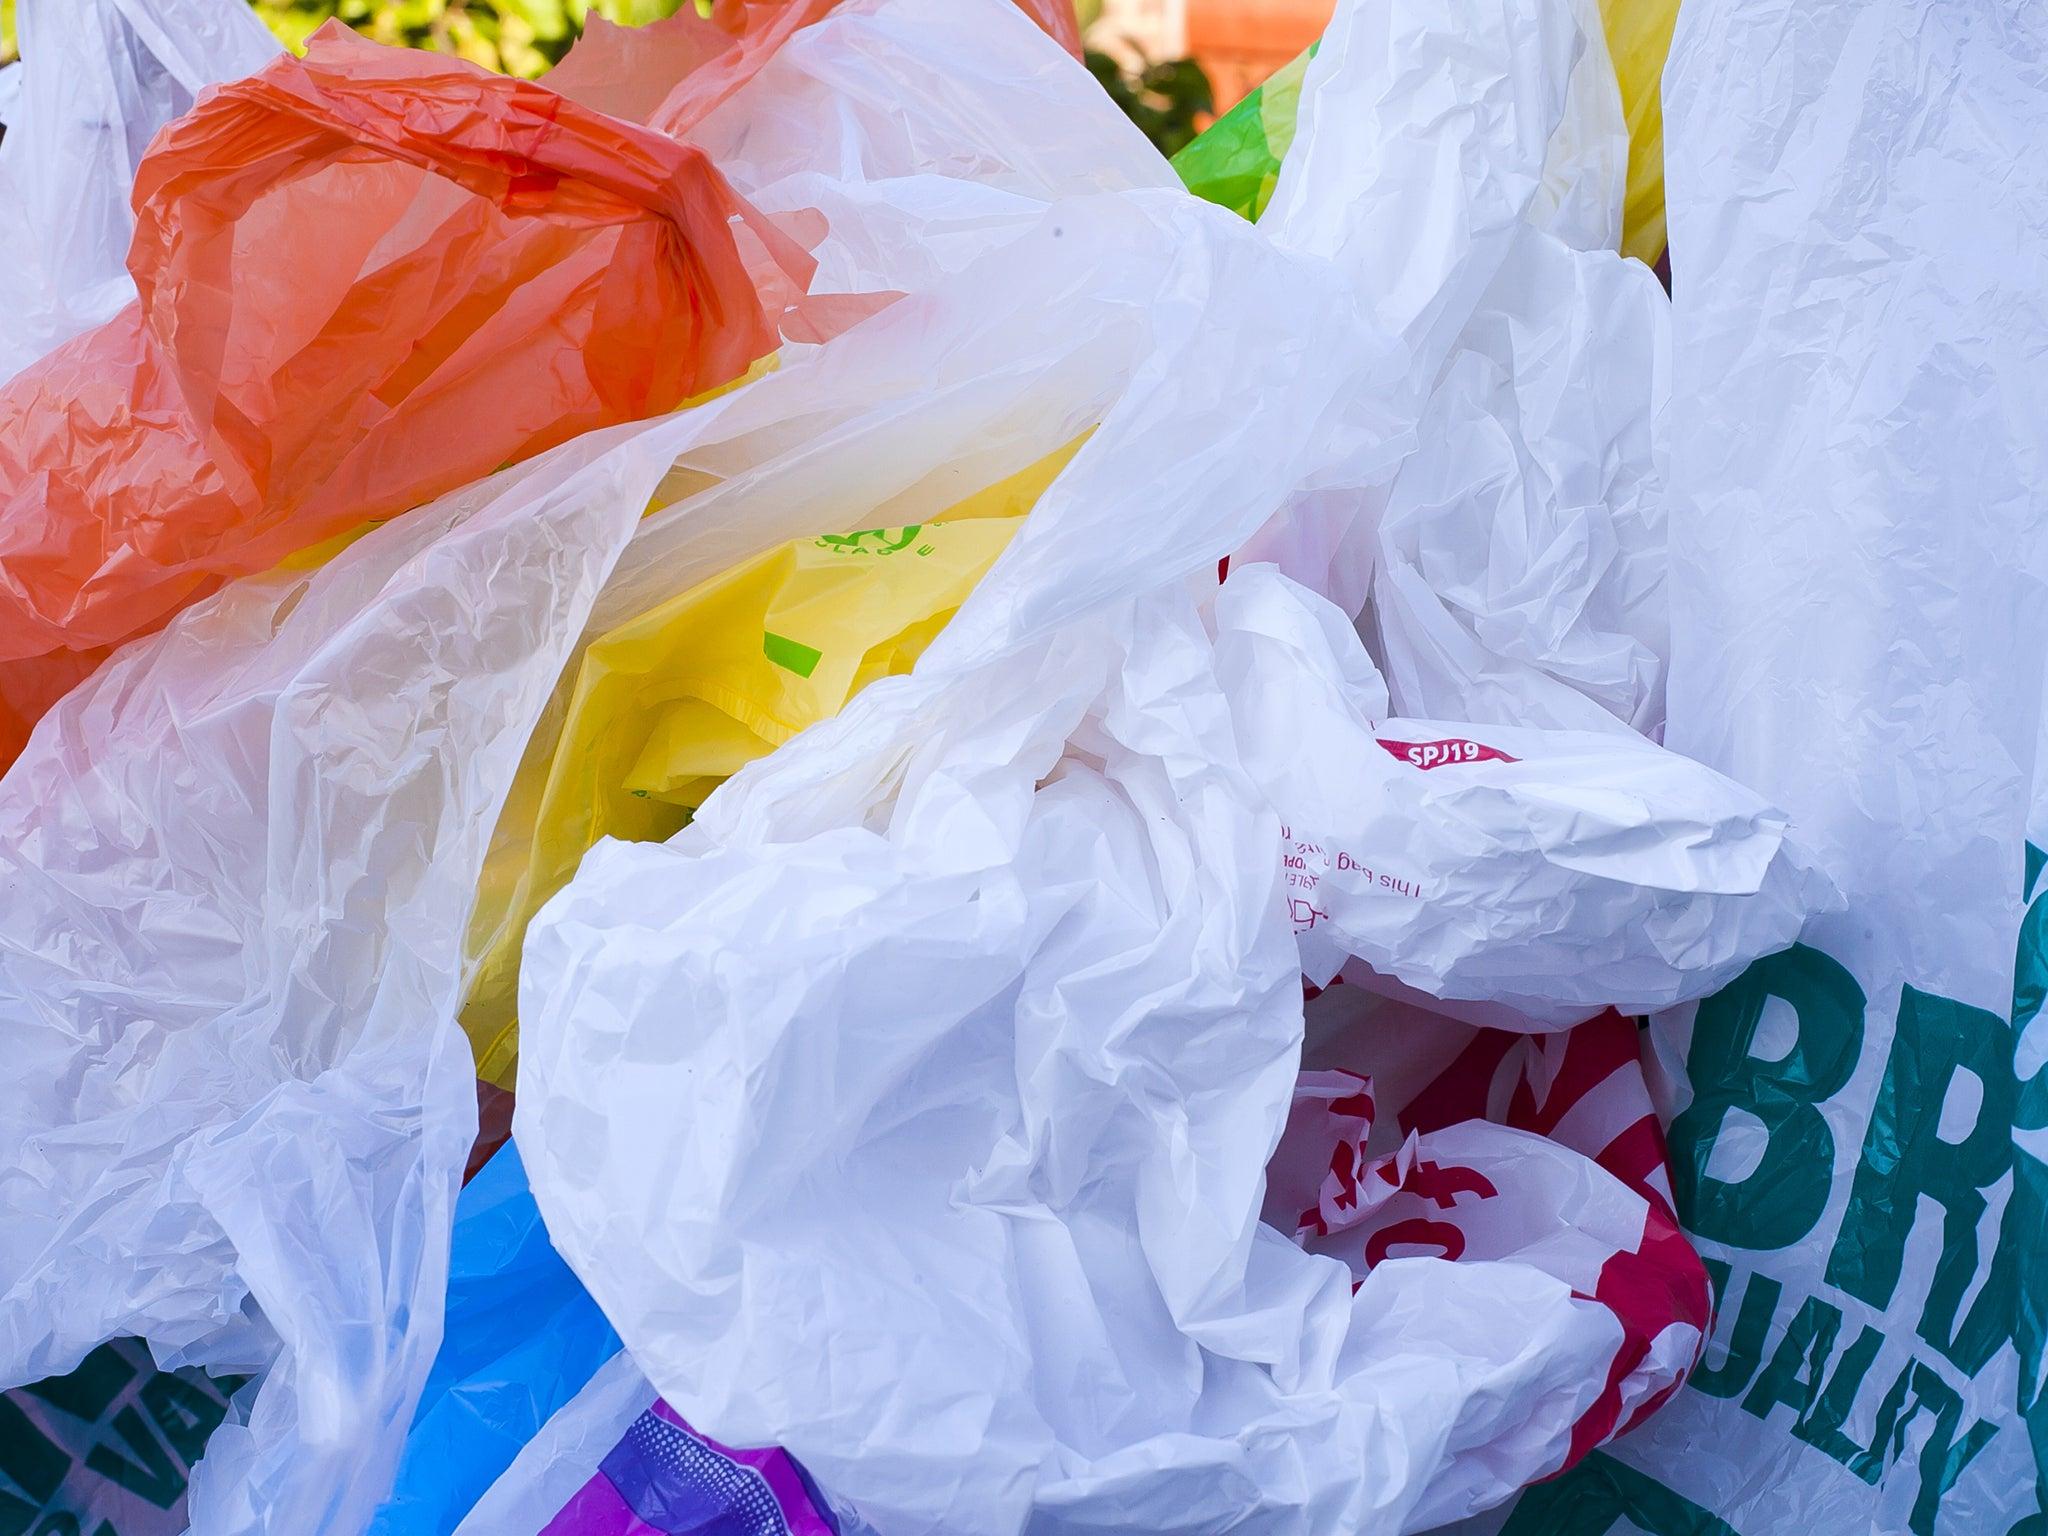 Jerking off into a plastic bag Porn Videos - Empflixcom